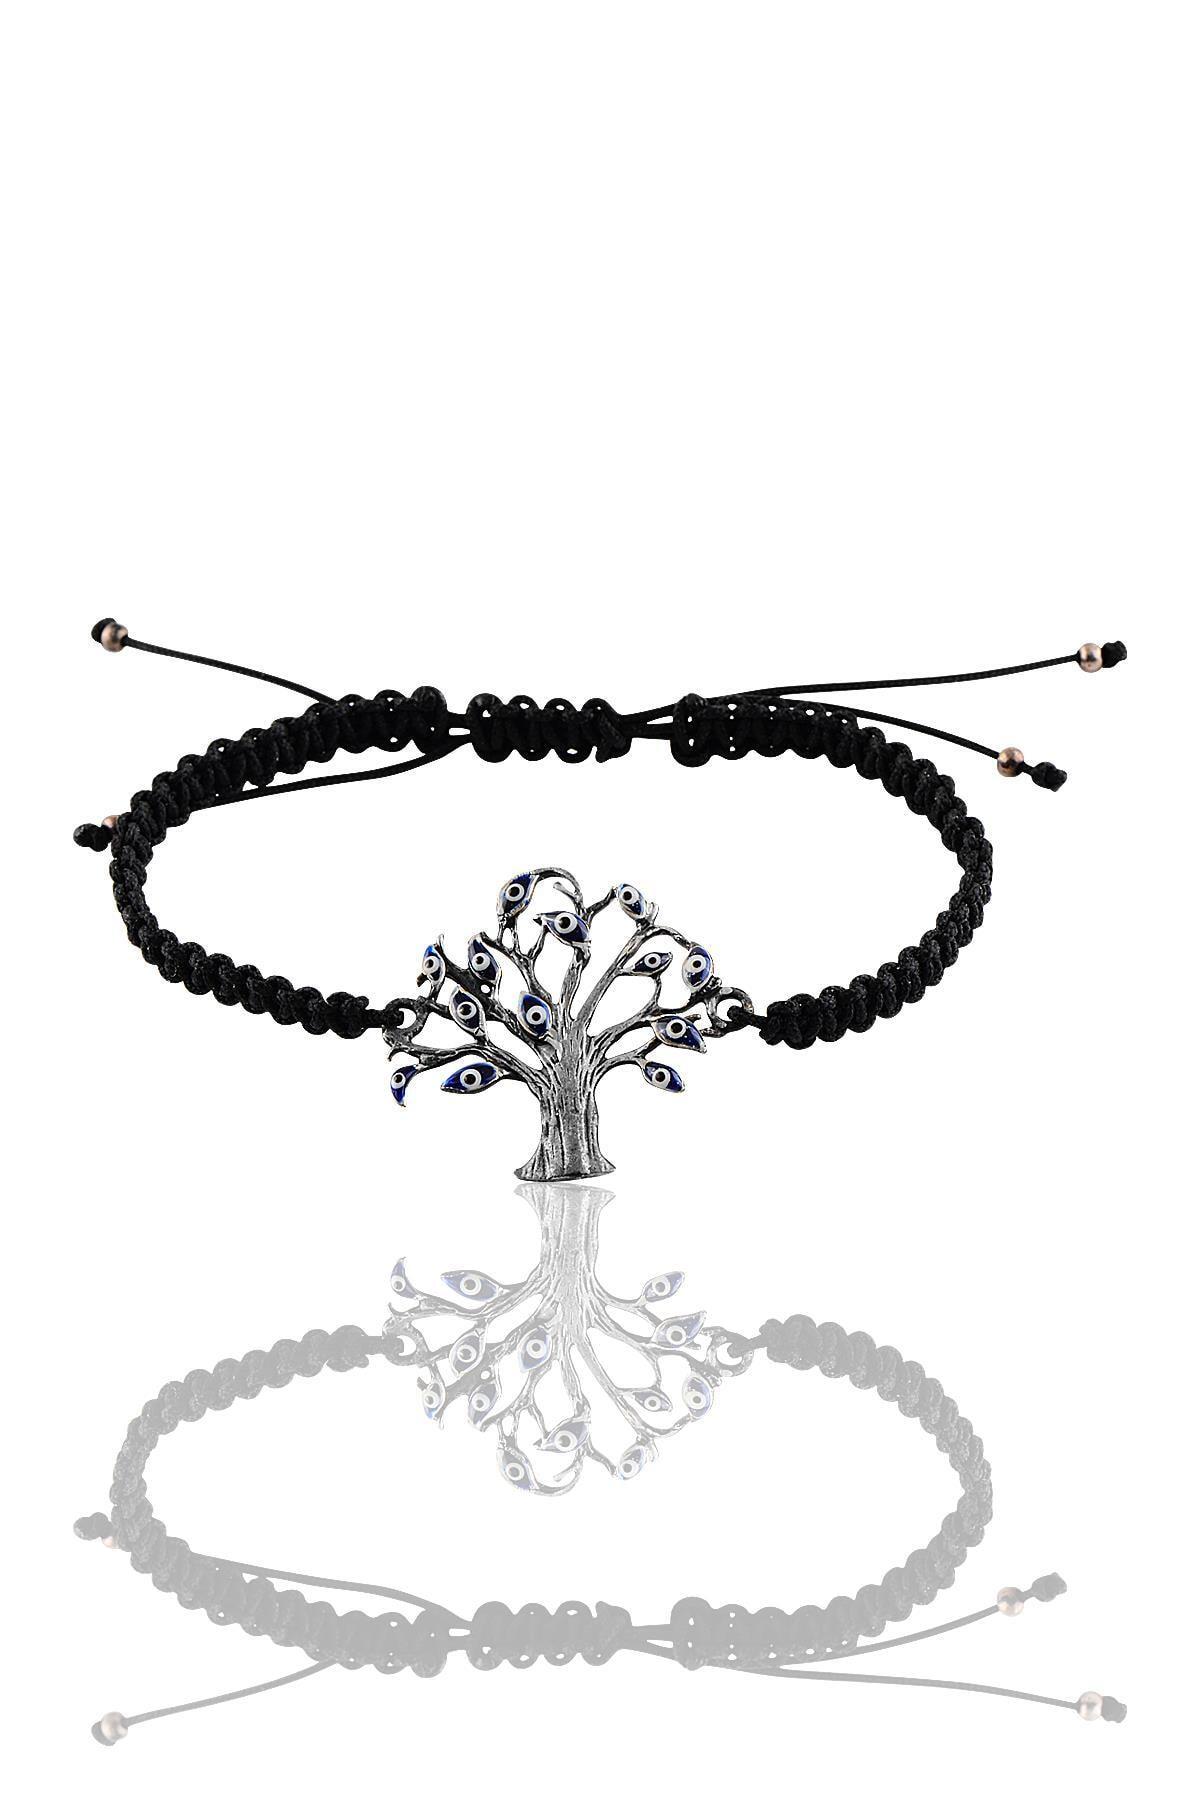 Söğütlü Silver Gümüş Lacivert Mineli Nazar Ağacı Bileklik